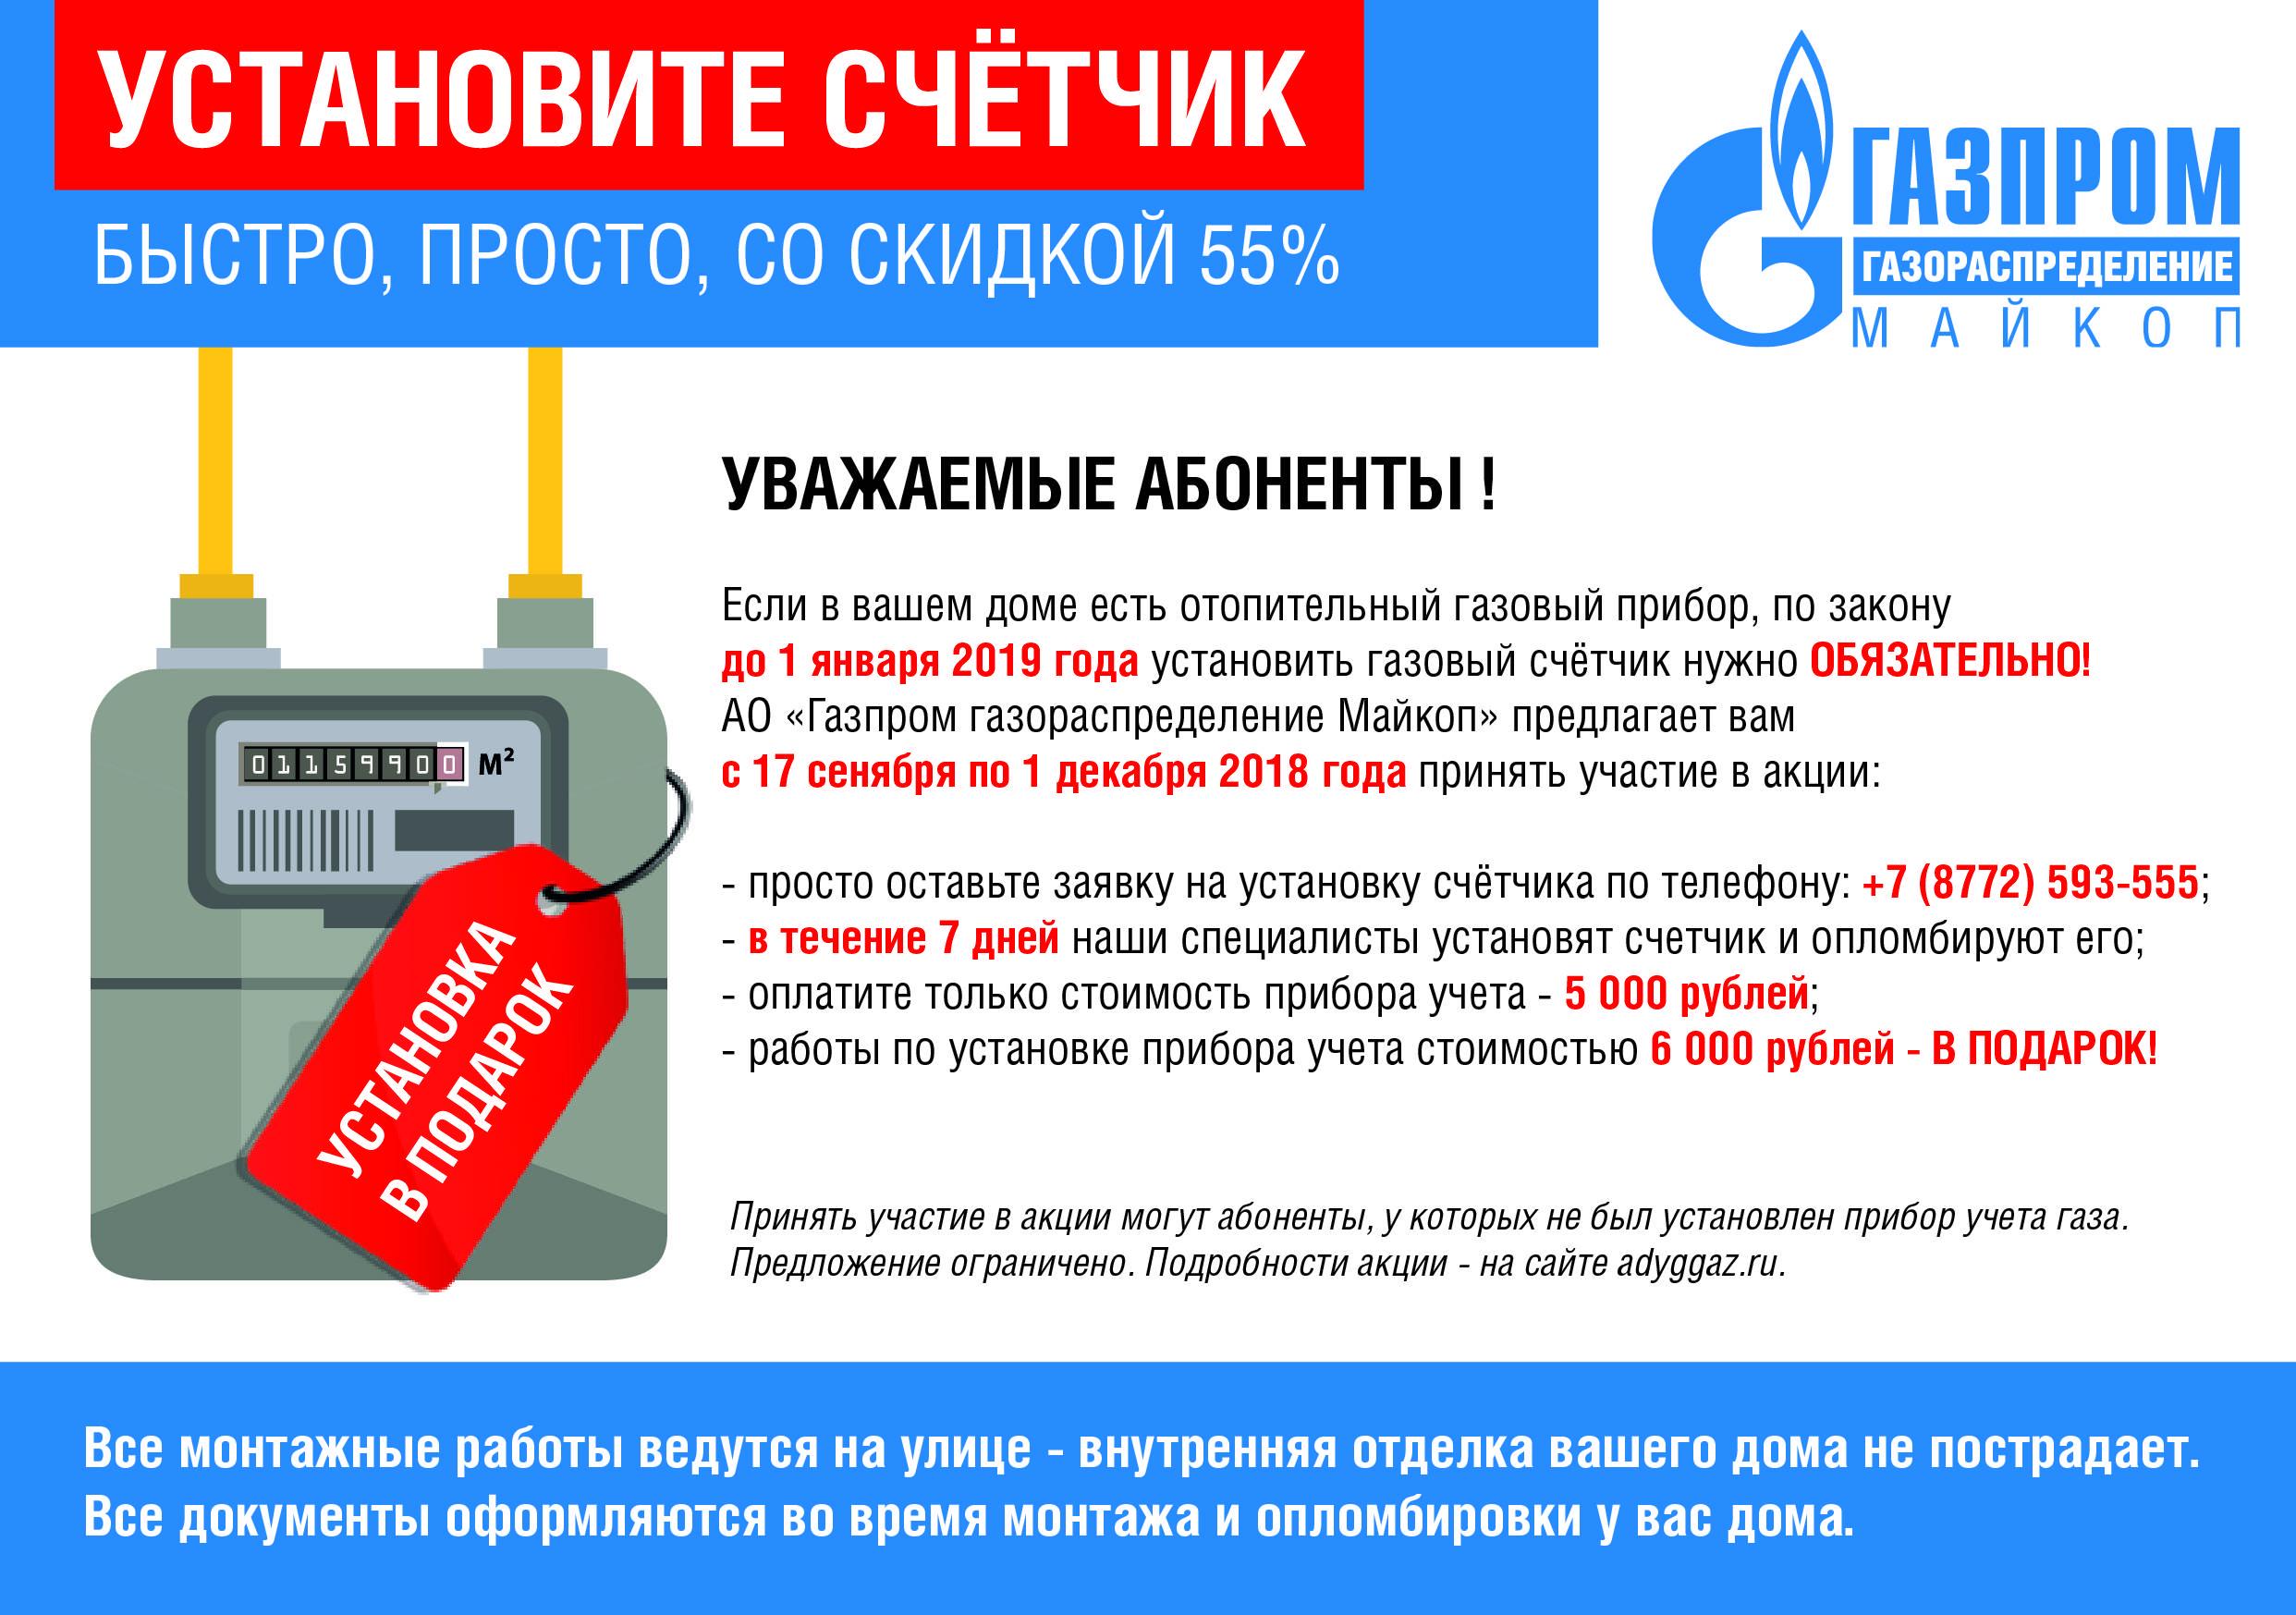 Все о пломбировке счетчиков газа: законы, порядок действий, виды пломб, санкции